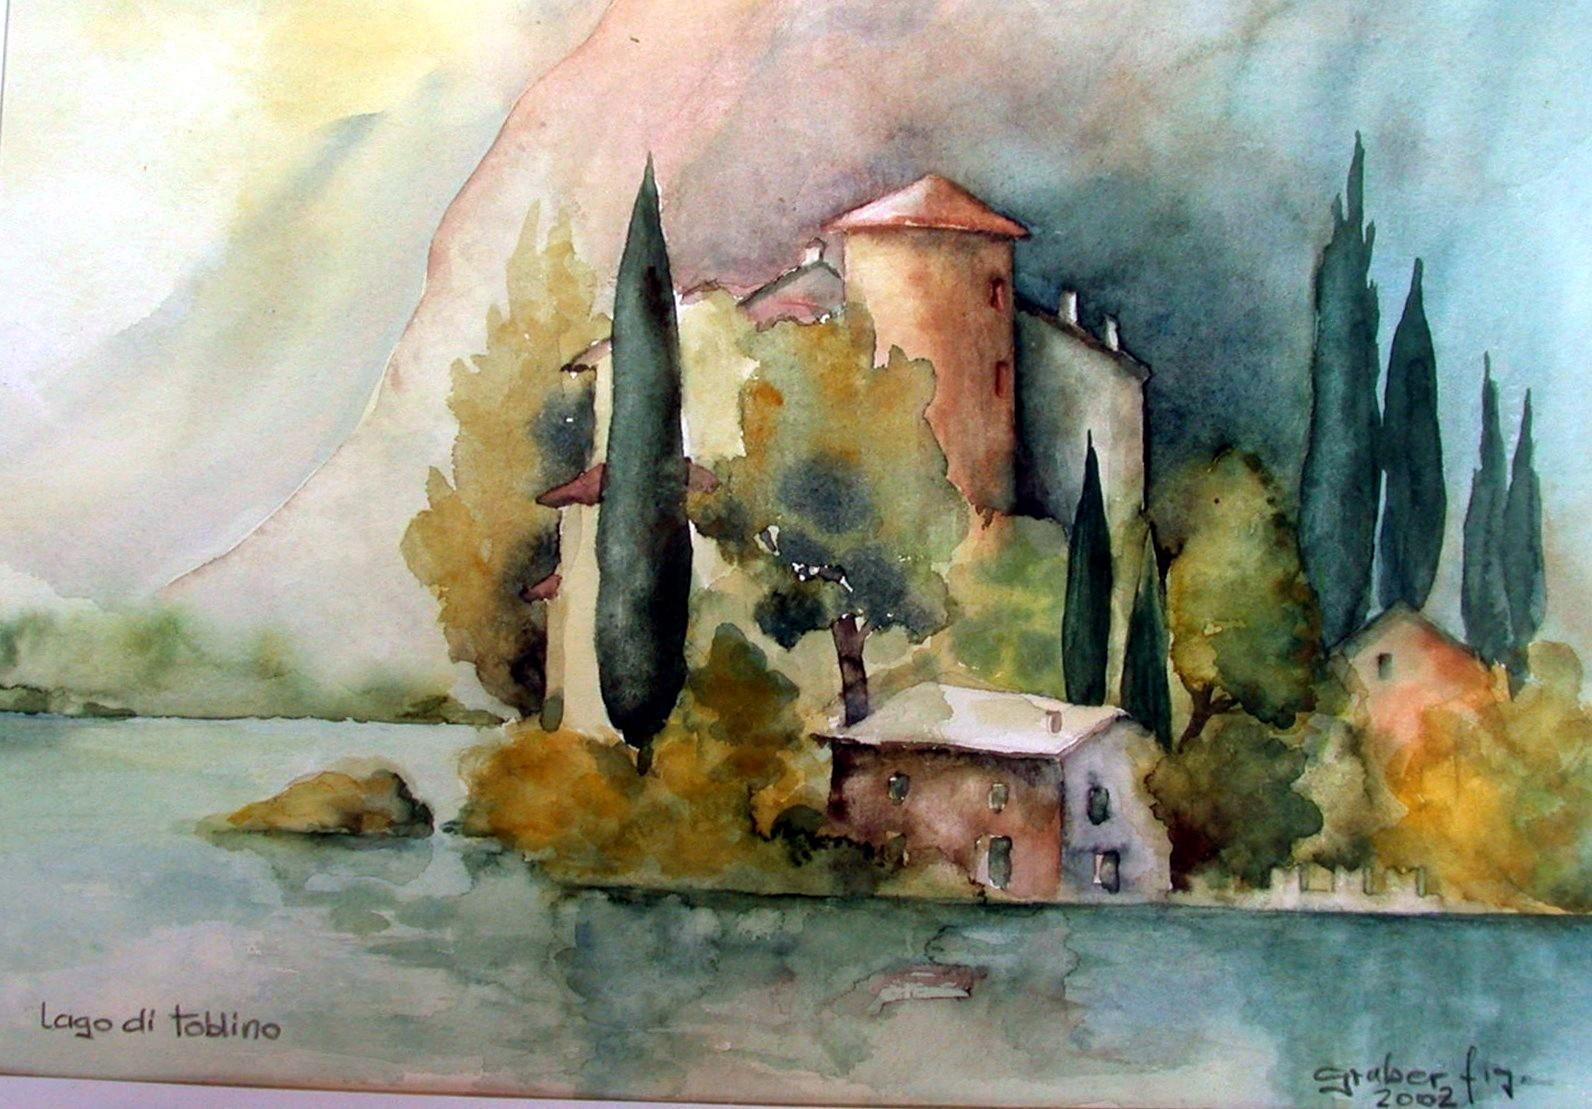 aquarell - castell toblino - lago di toblino - trentino